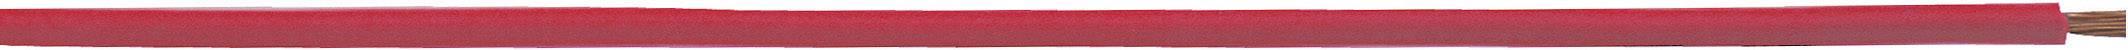 Opletenie / lanko LappKabel 4510041S H05V-K, 1 x 0.50 mm², vonkajší Ø 2.50 mm, 250 m, červená